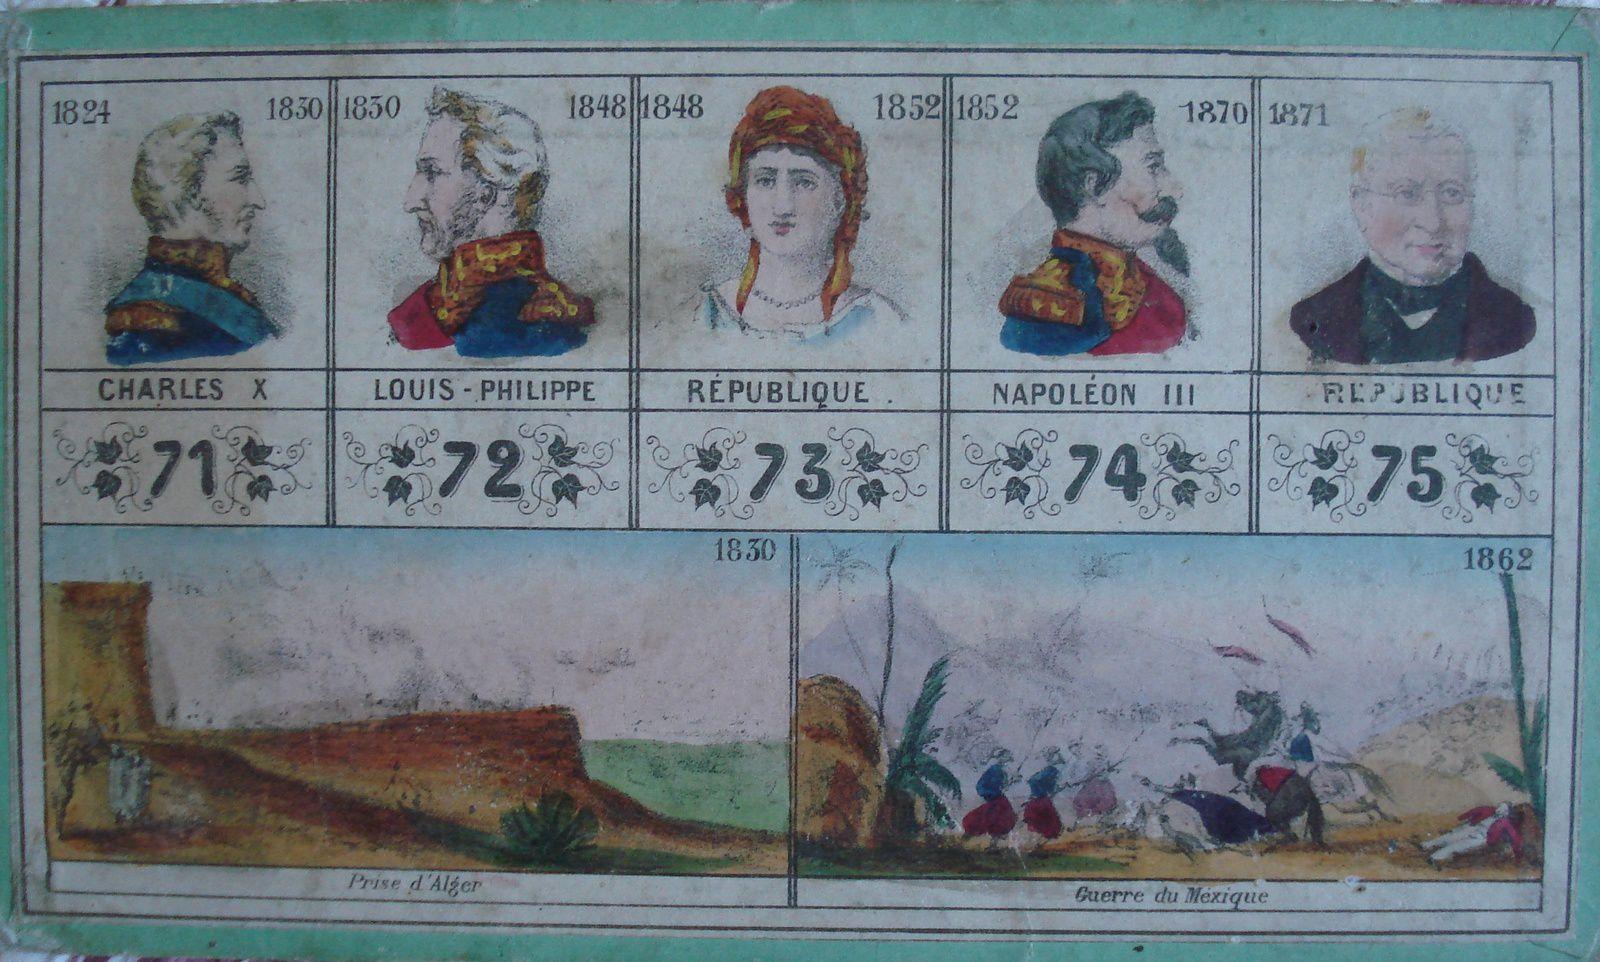 Dernier personnage présenté, Thiers nous permet de situer la création du jeu vers 1872